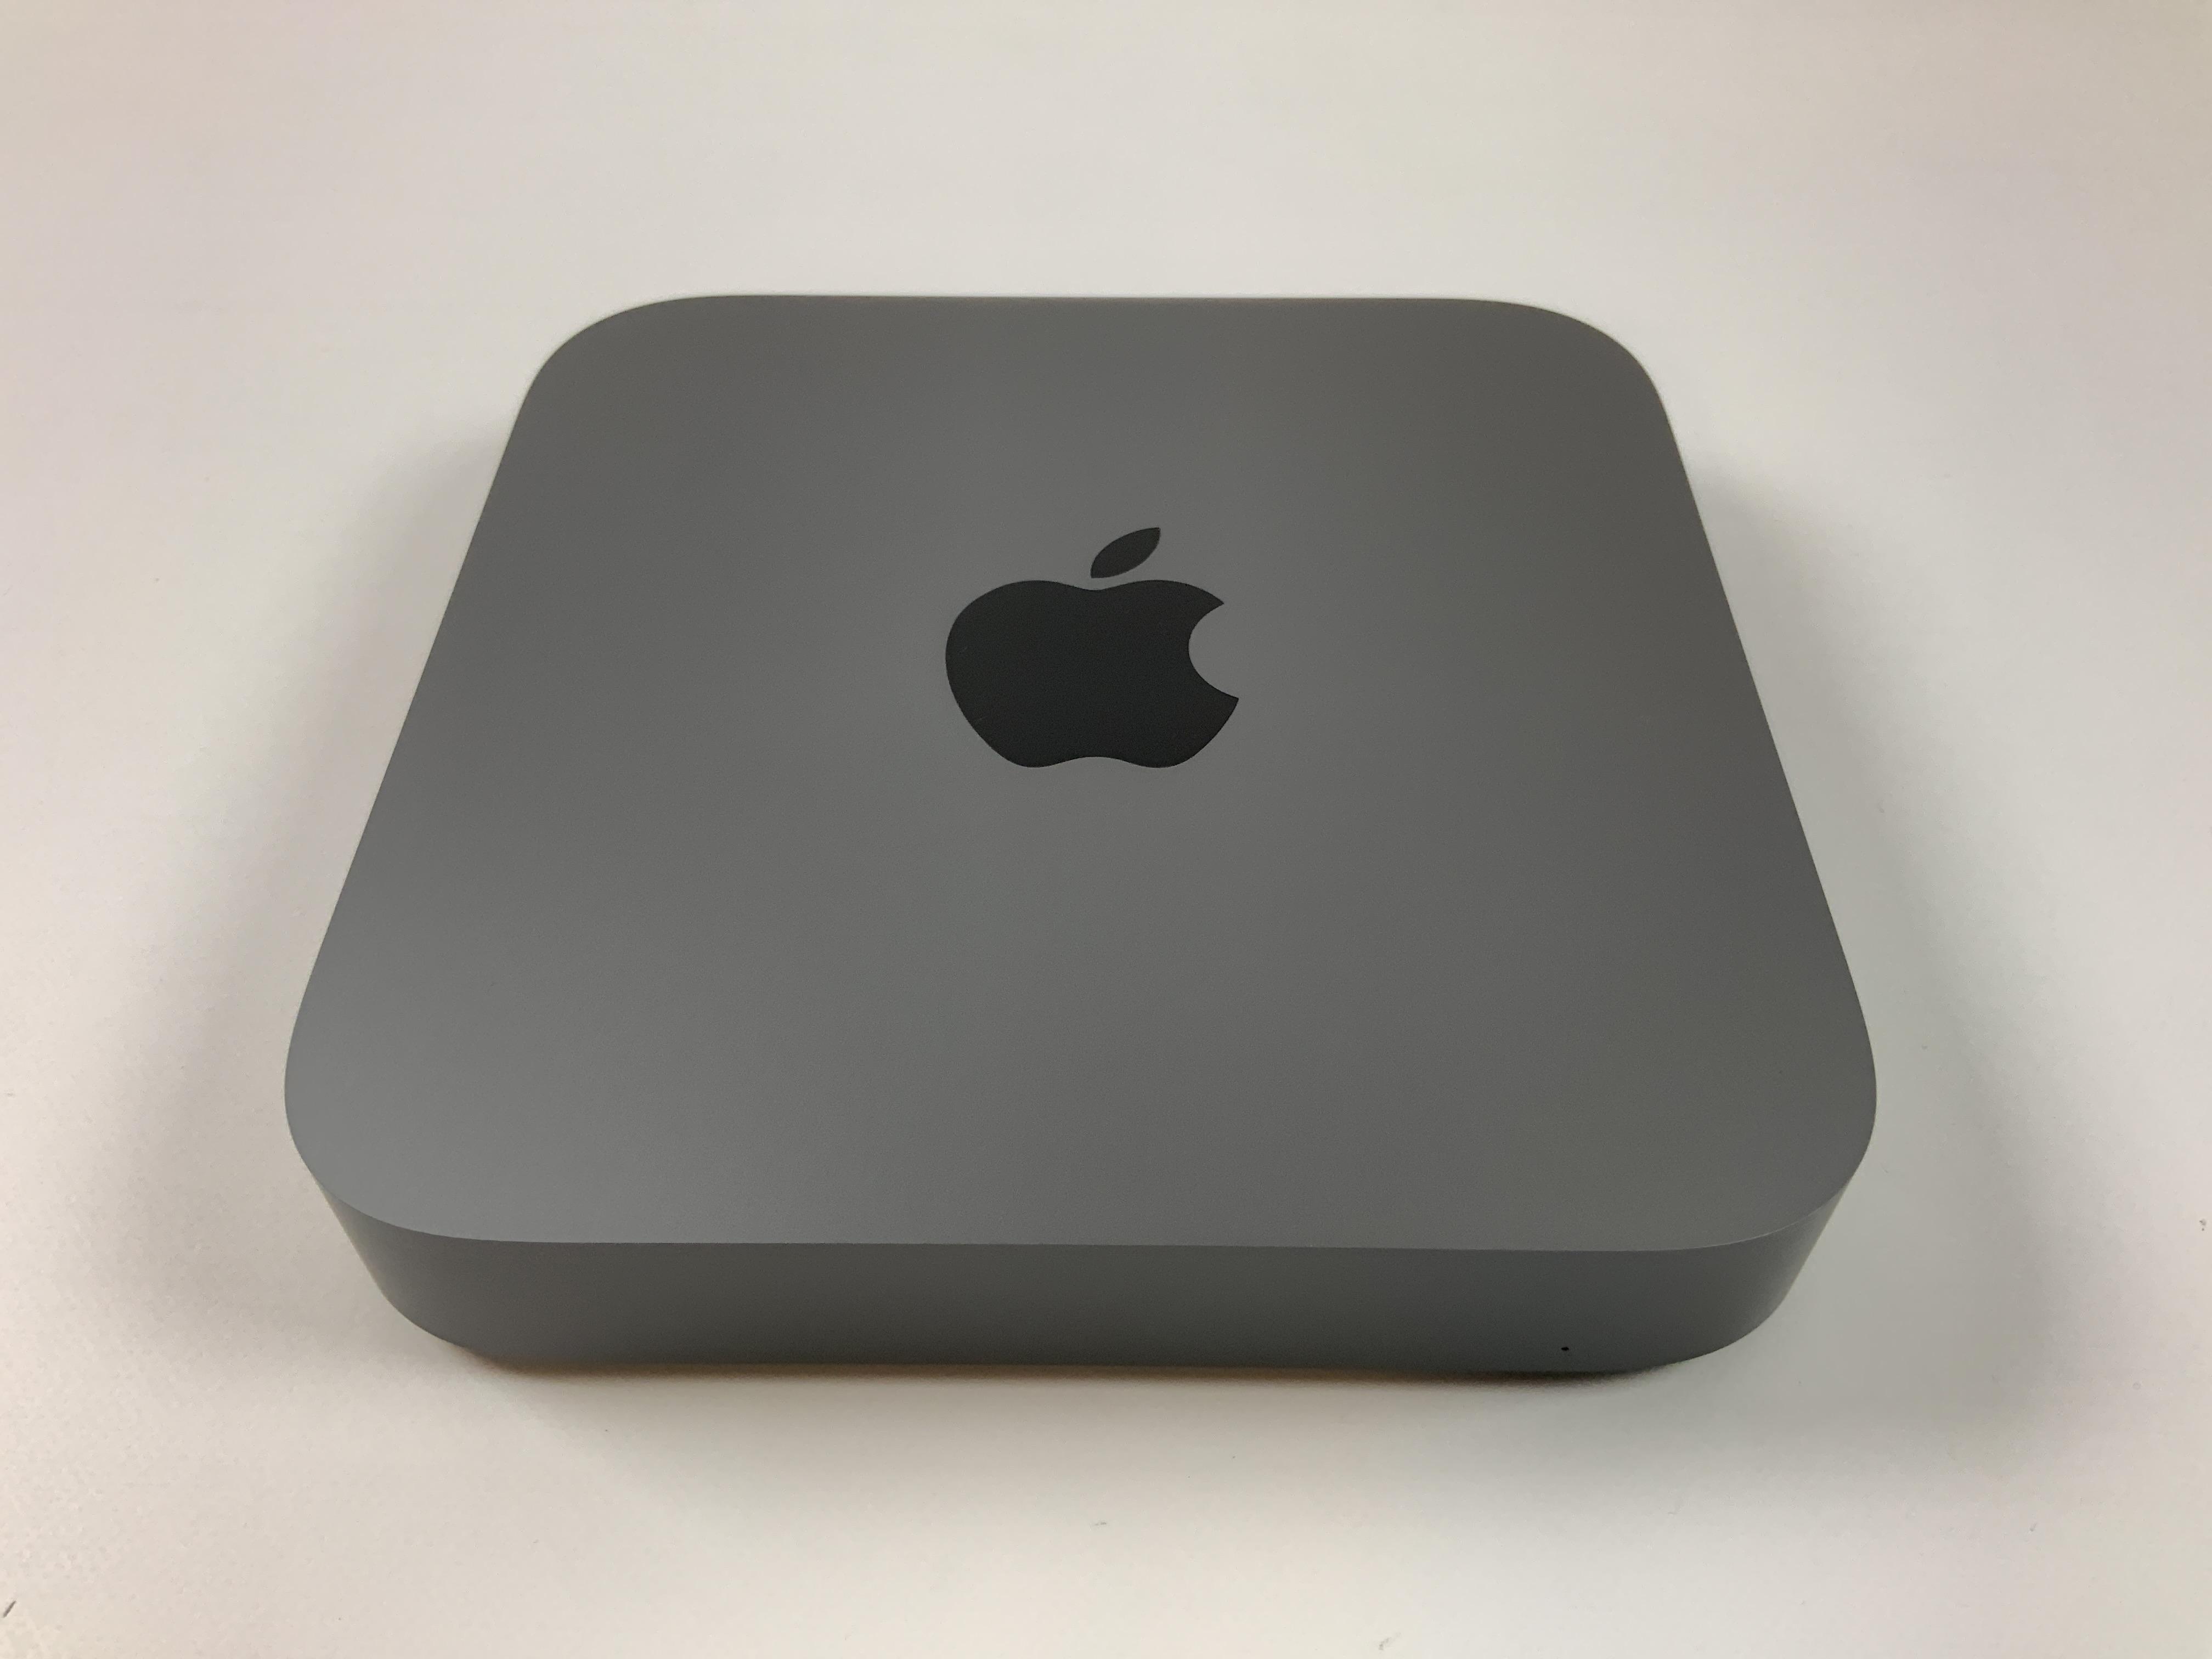 Mac Mini Early 2020 (Intel Quad-Core i3 3.6 GHz 32 GB RAM 256 GB SSD), Intel Quad-Core i3 3.6 GHz, 32 GB RAM, 256 GB SSD, image 1